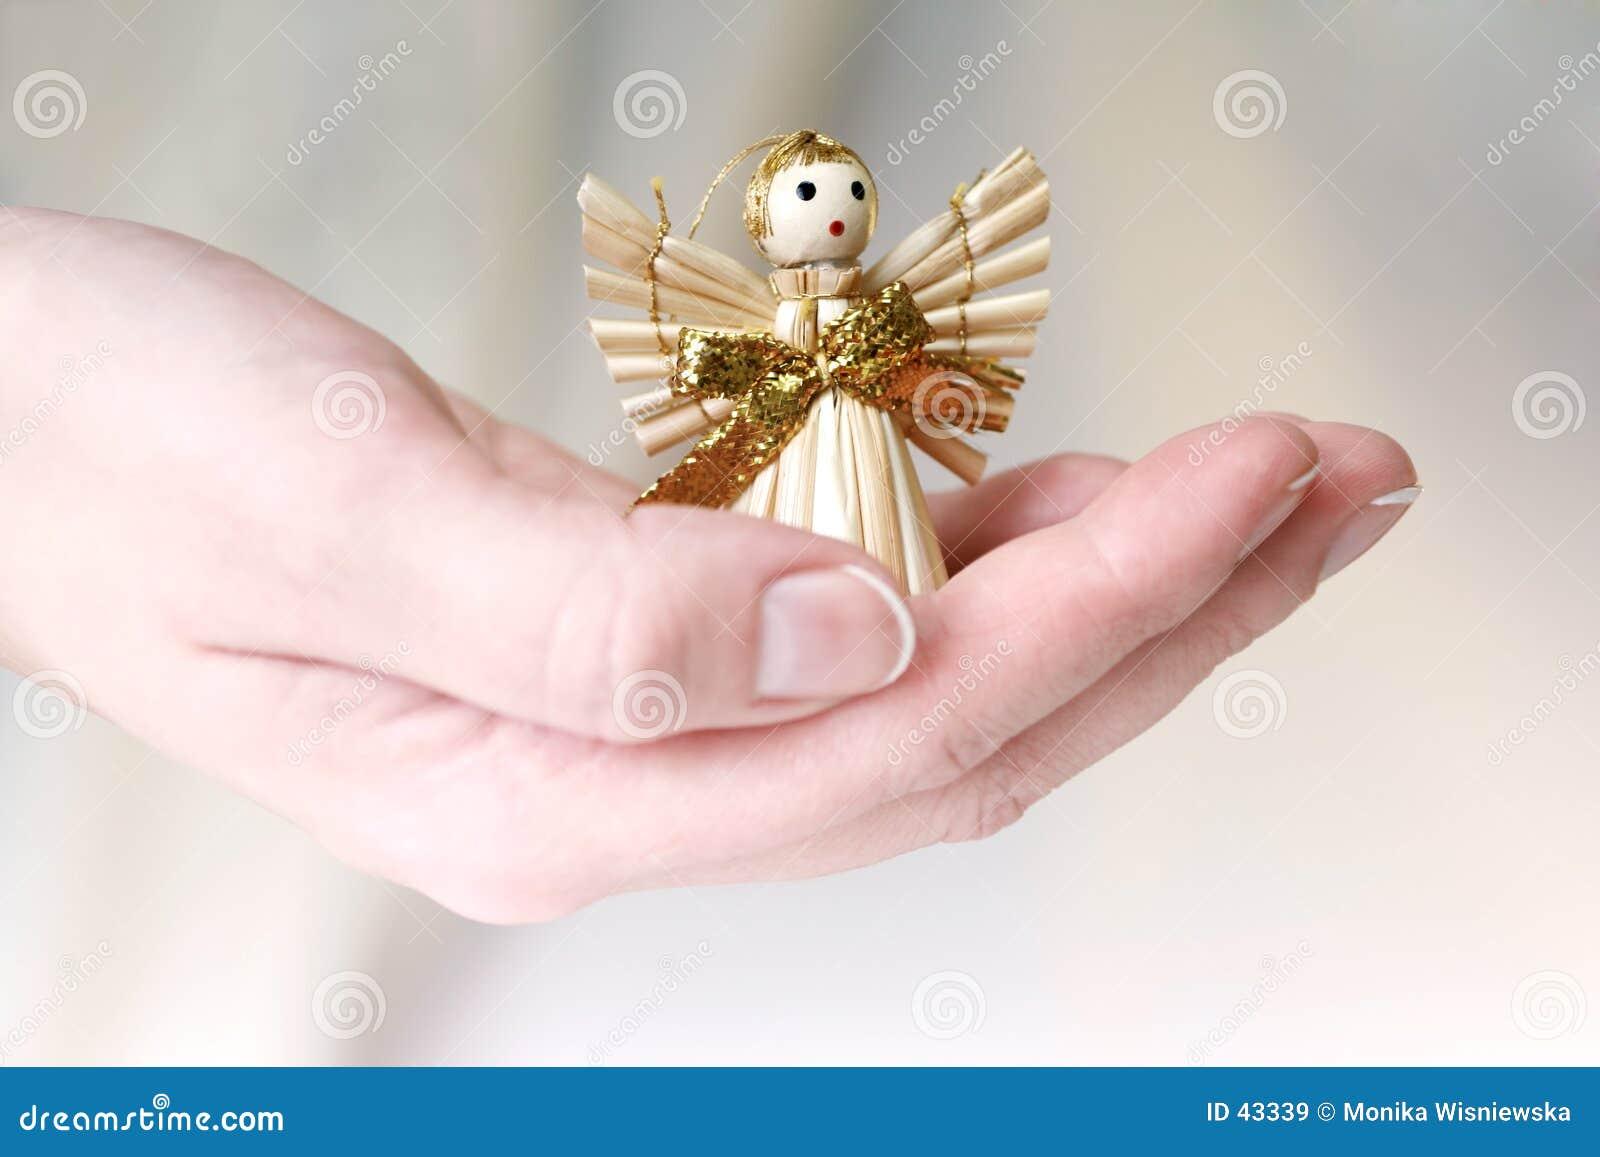 Download Poco ángel imagen de archivo. Imagen de excepto, manos, decoración - 43339